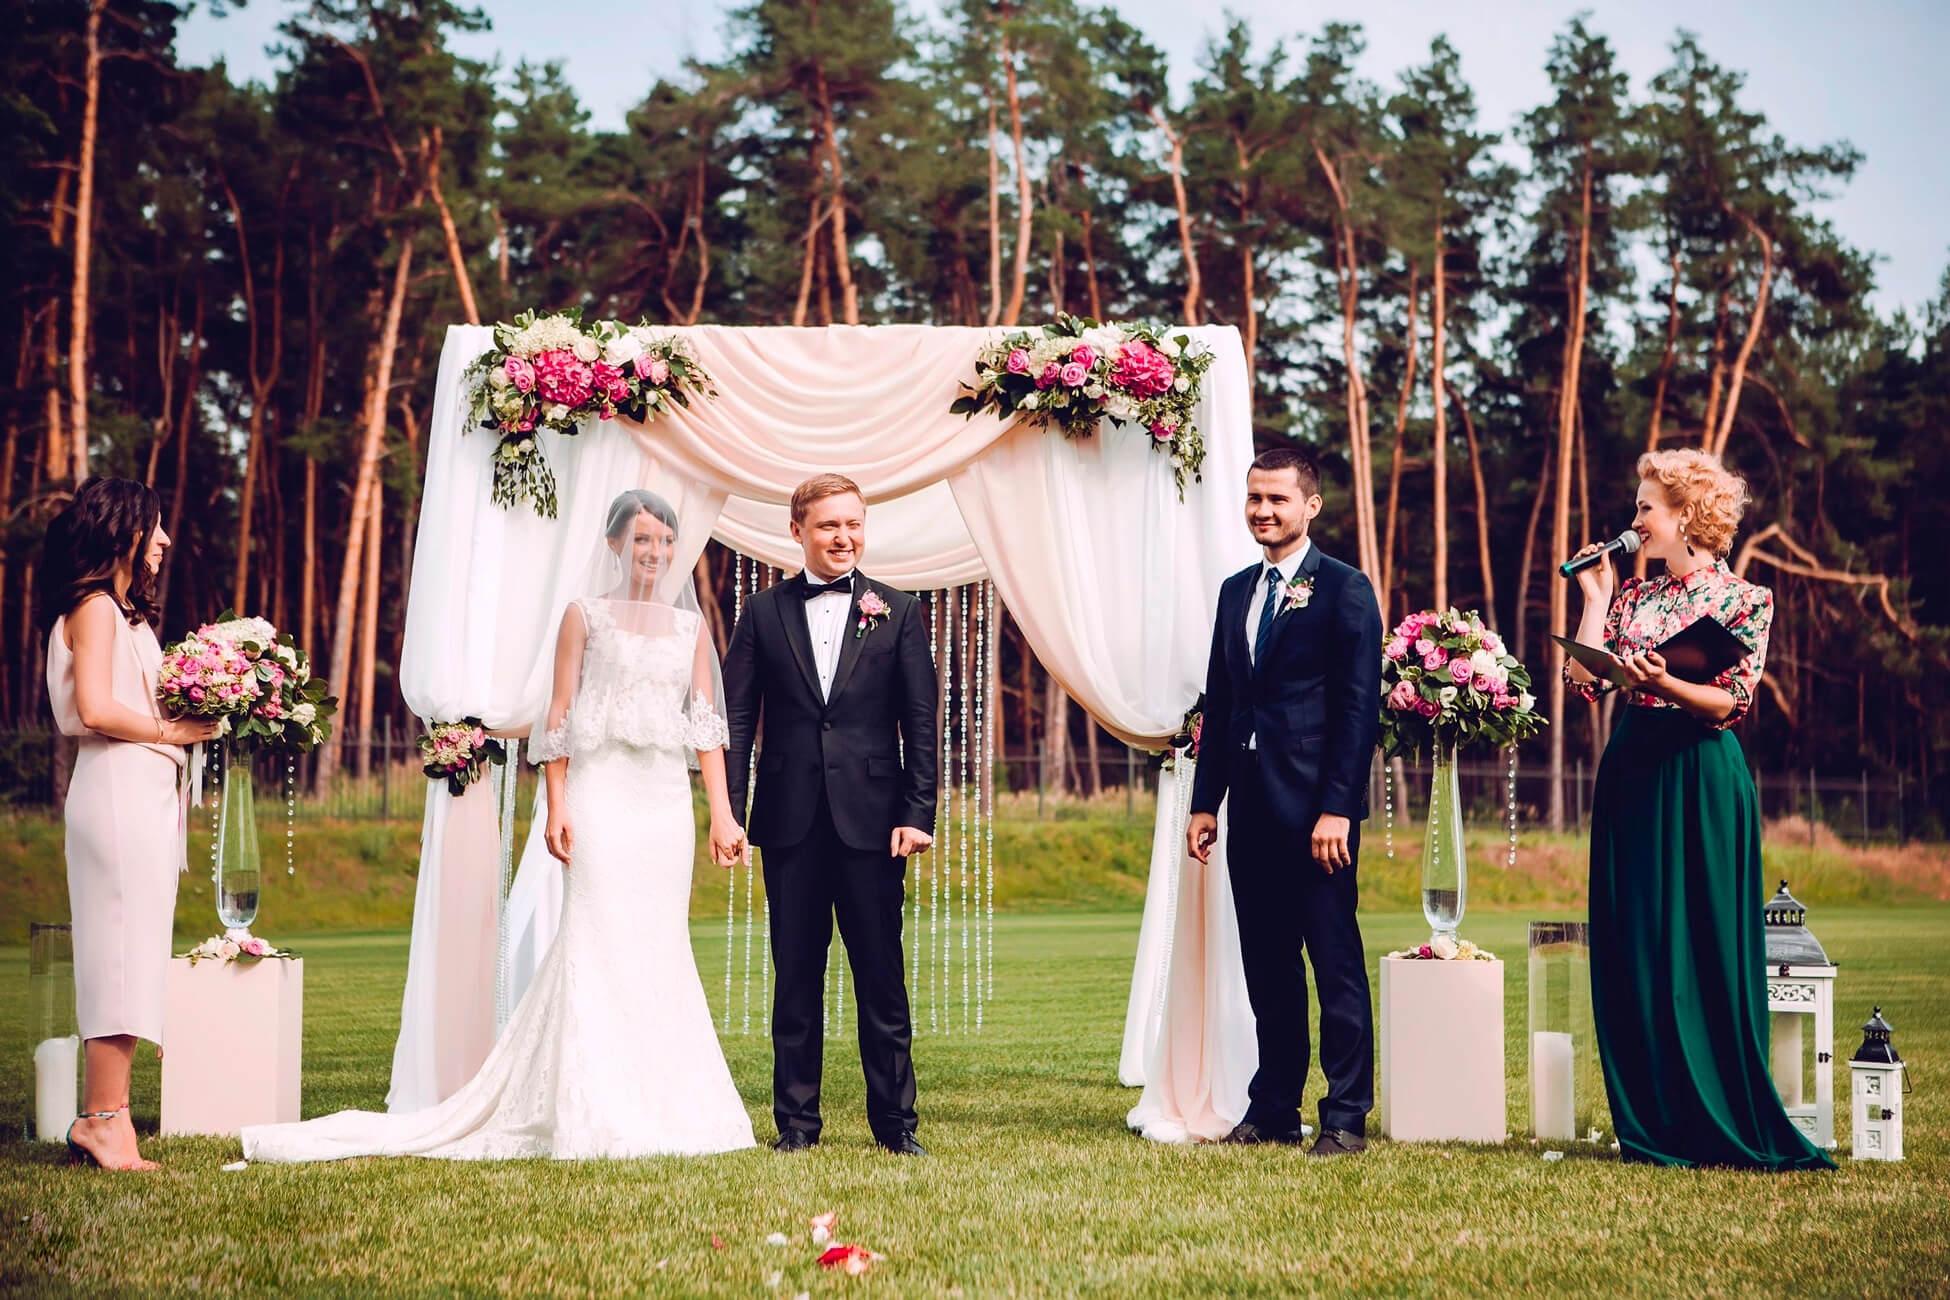 Топ советов для отличной свадьбы